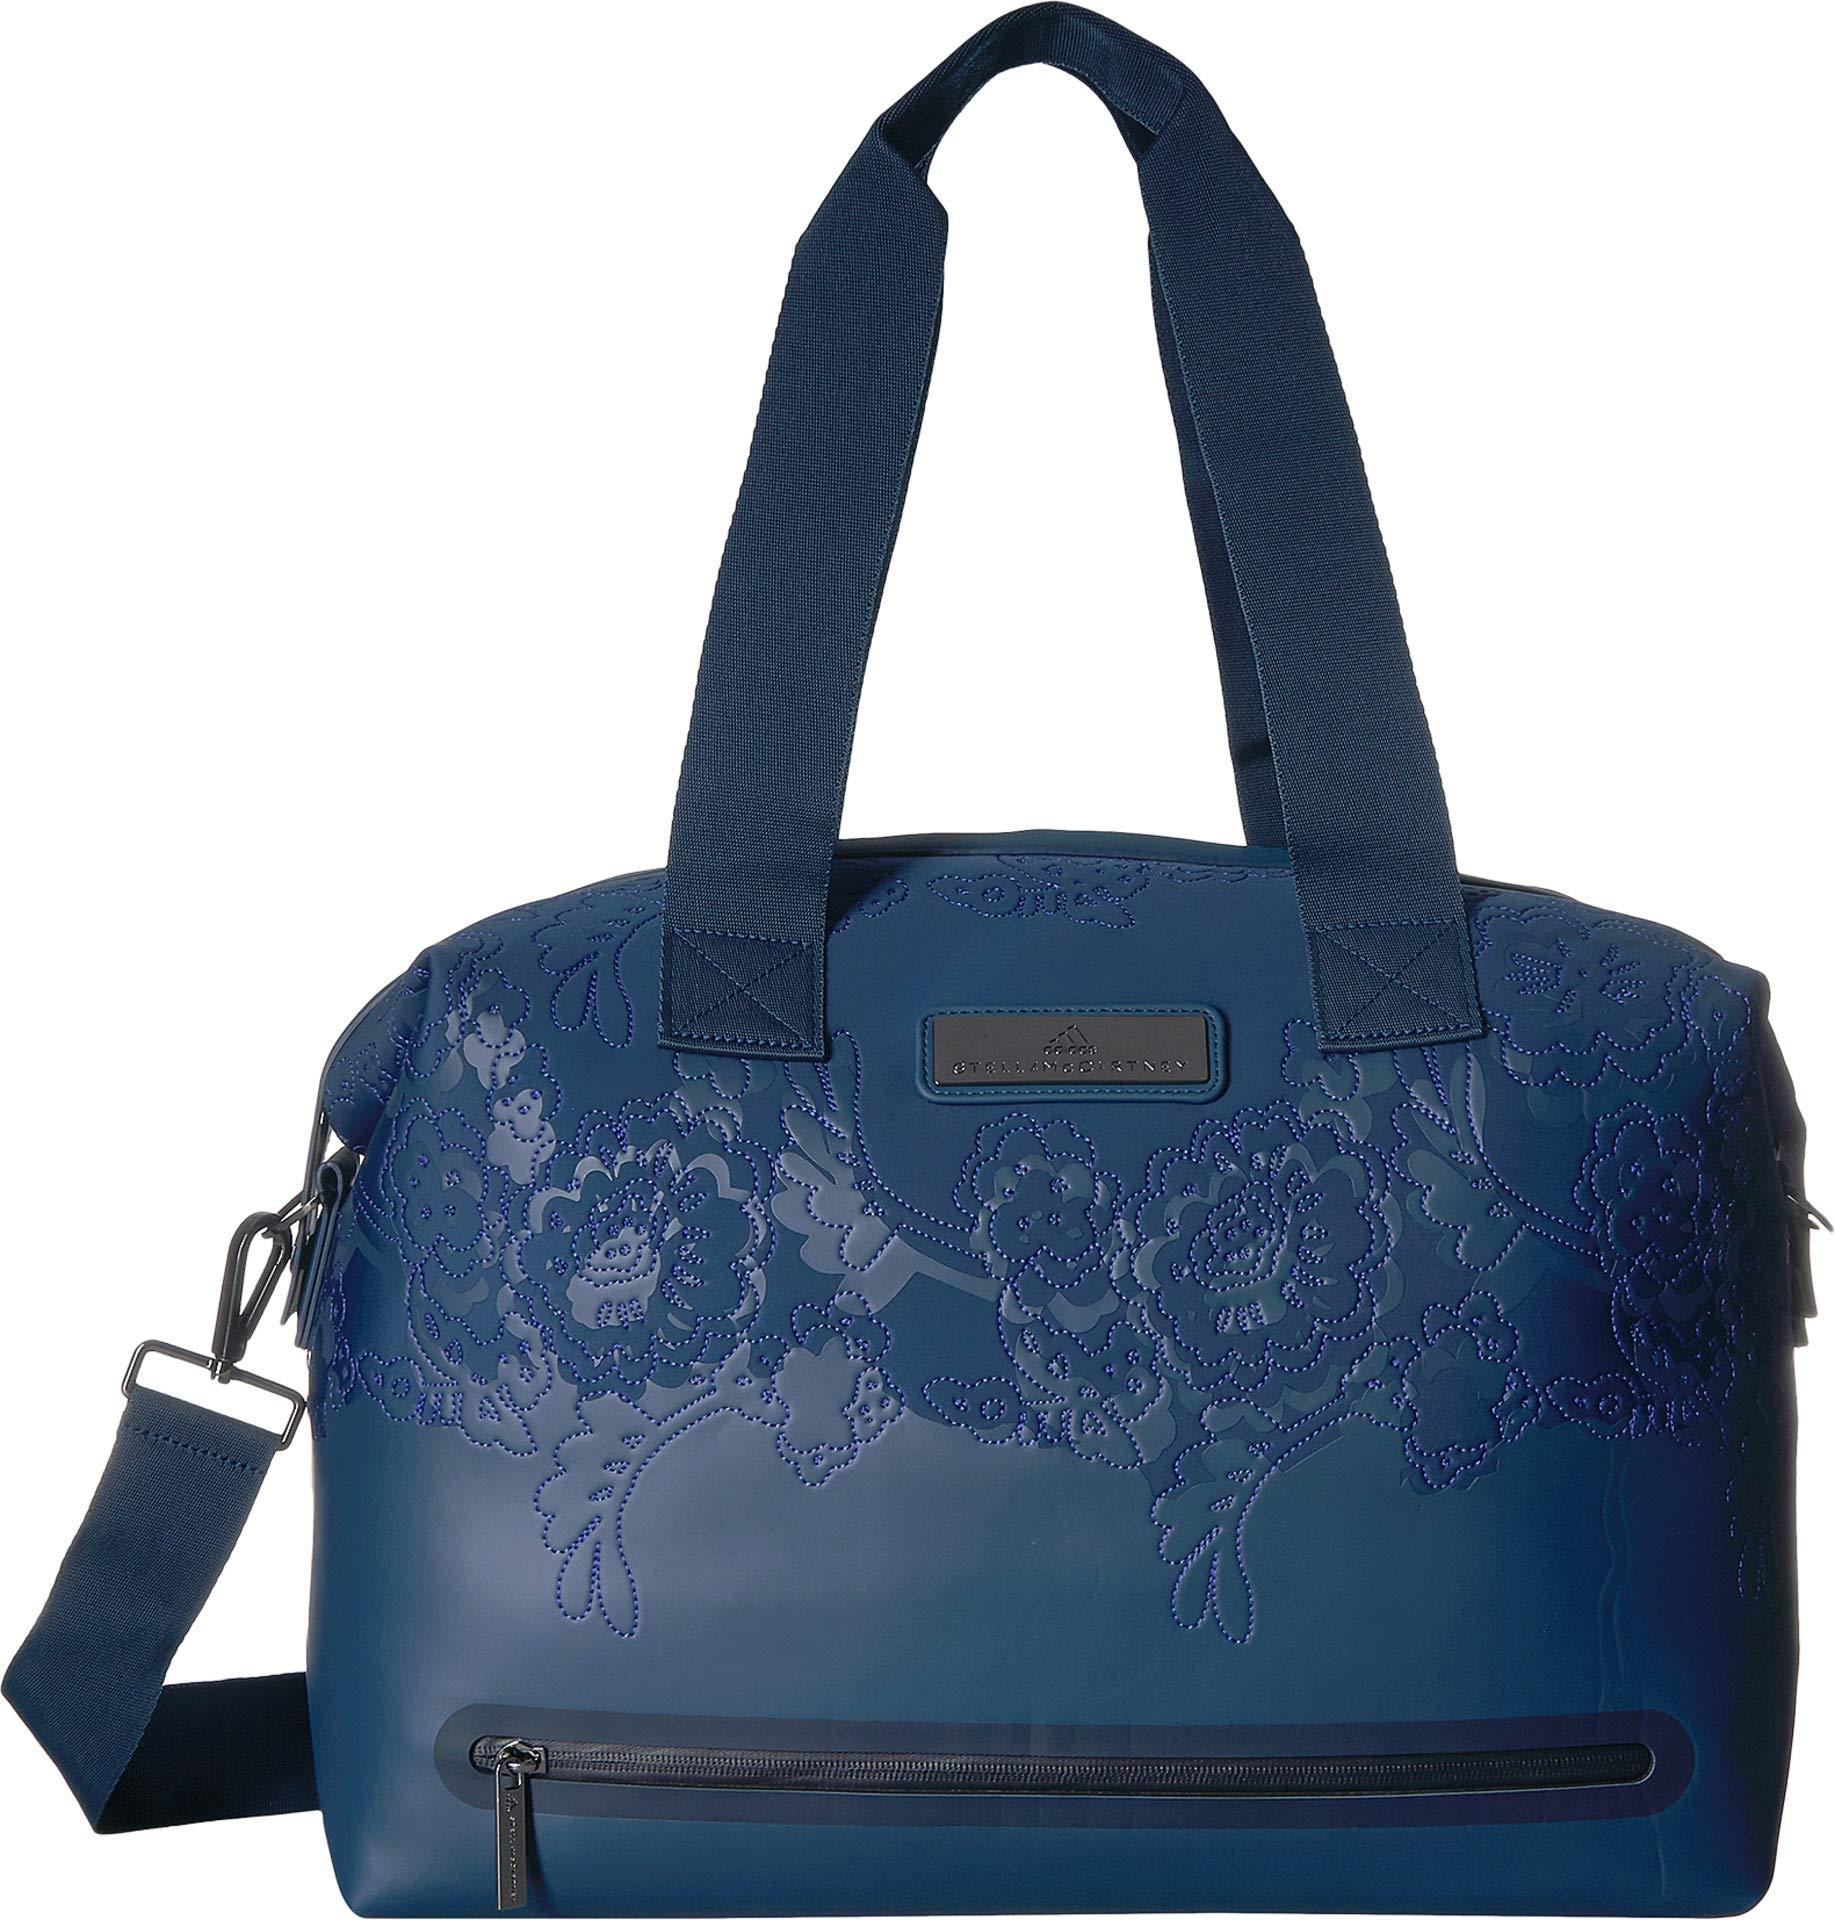 adidas by Stella McCartney Women's Medium Gym Bag, Blue/Bold Blue/Indigo, One Size